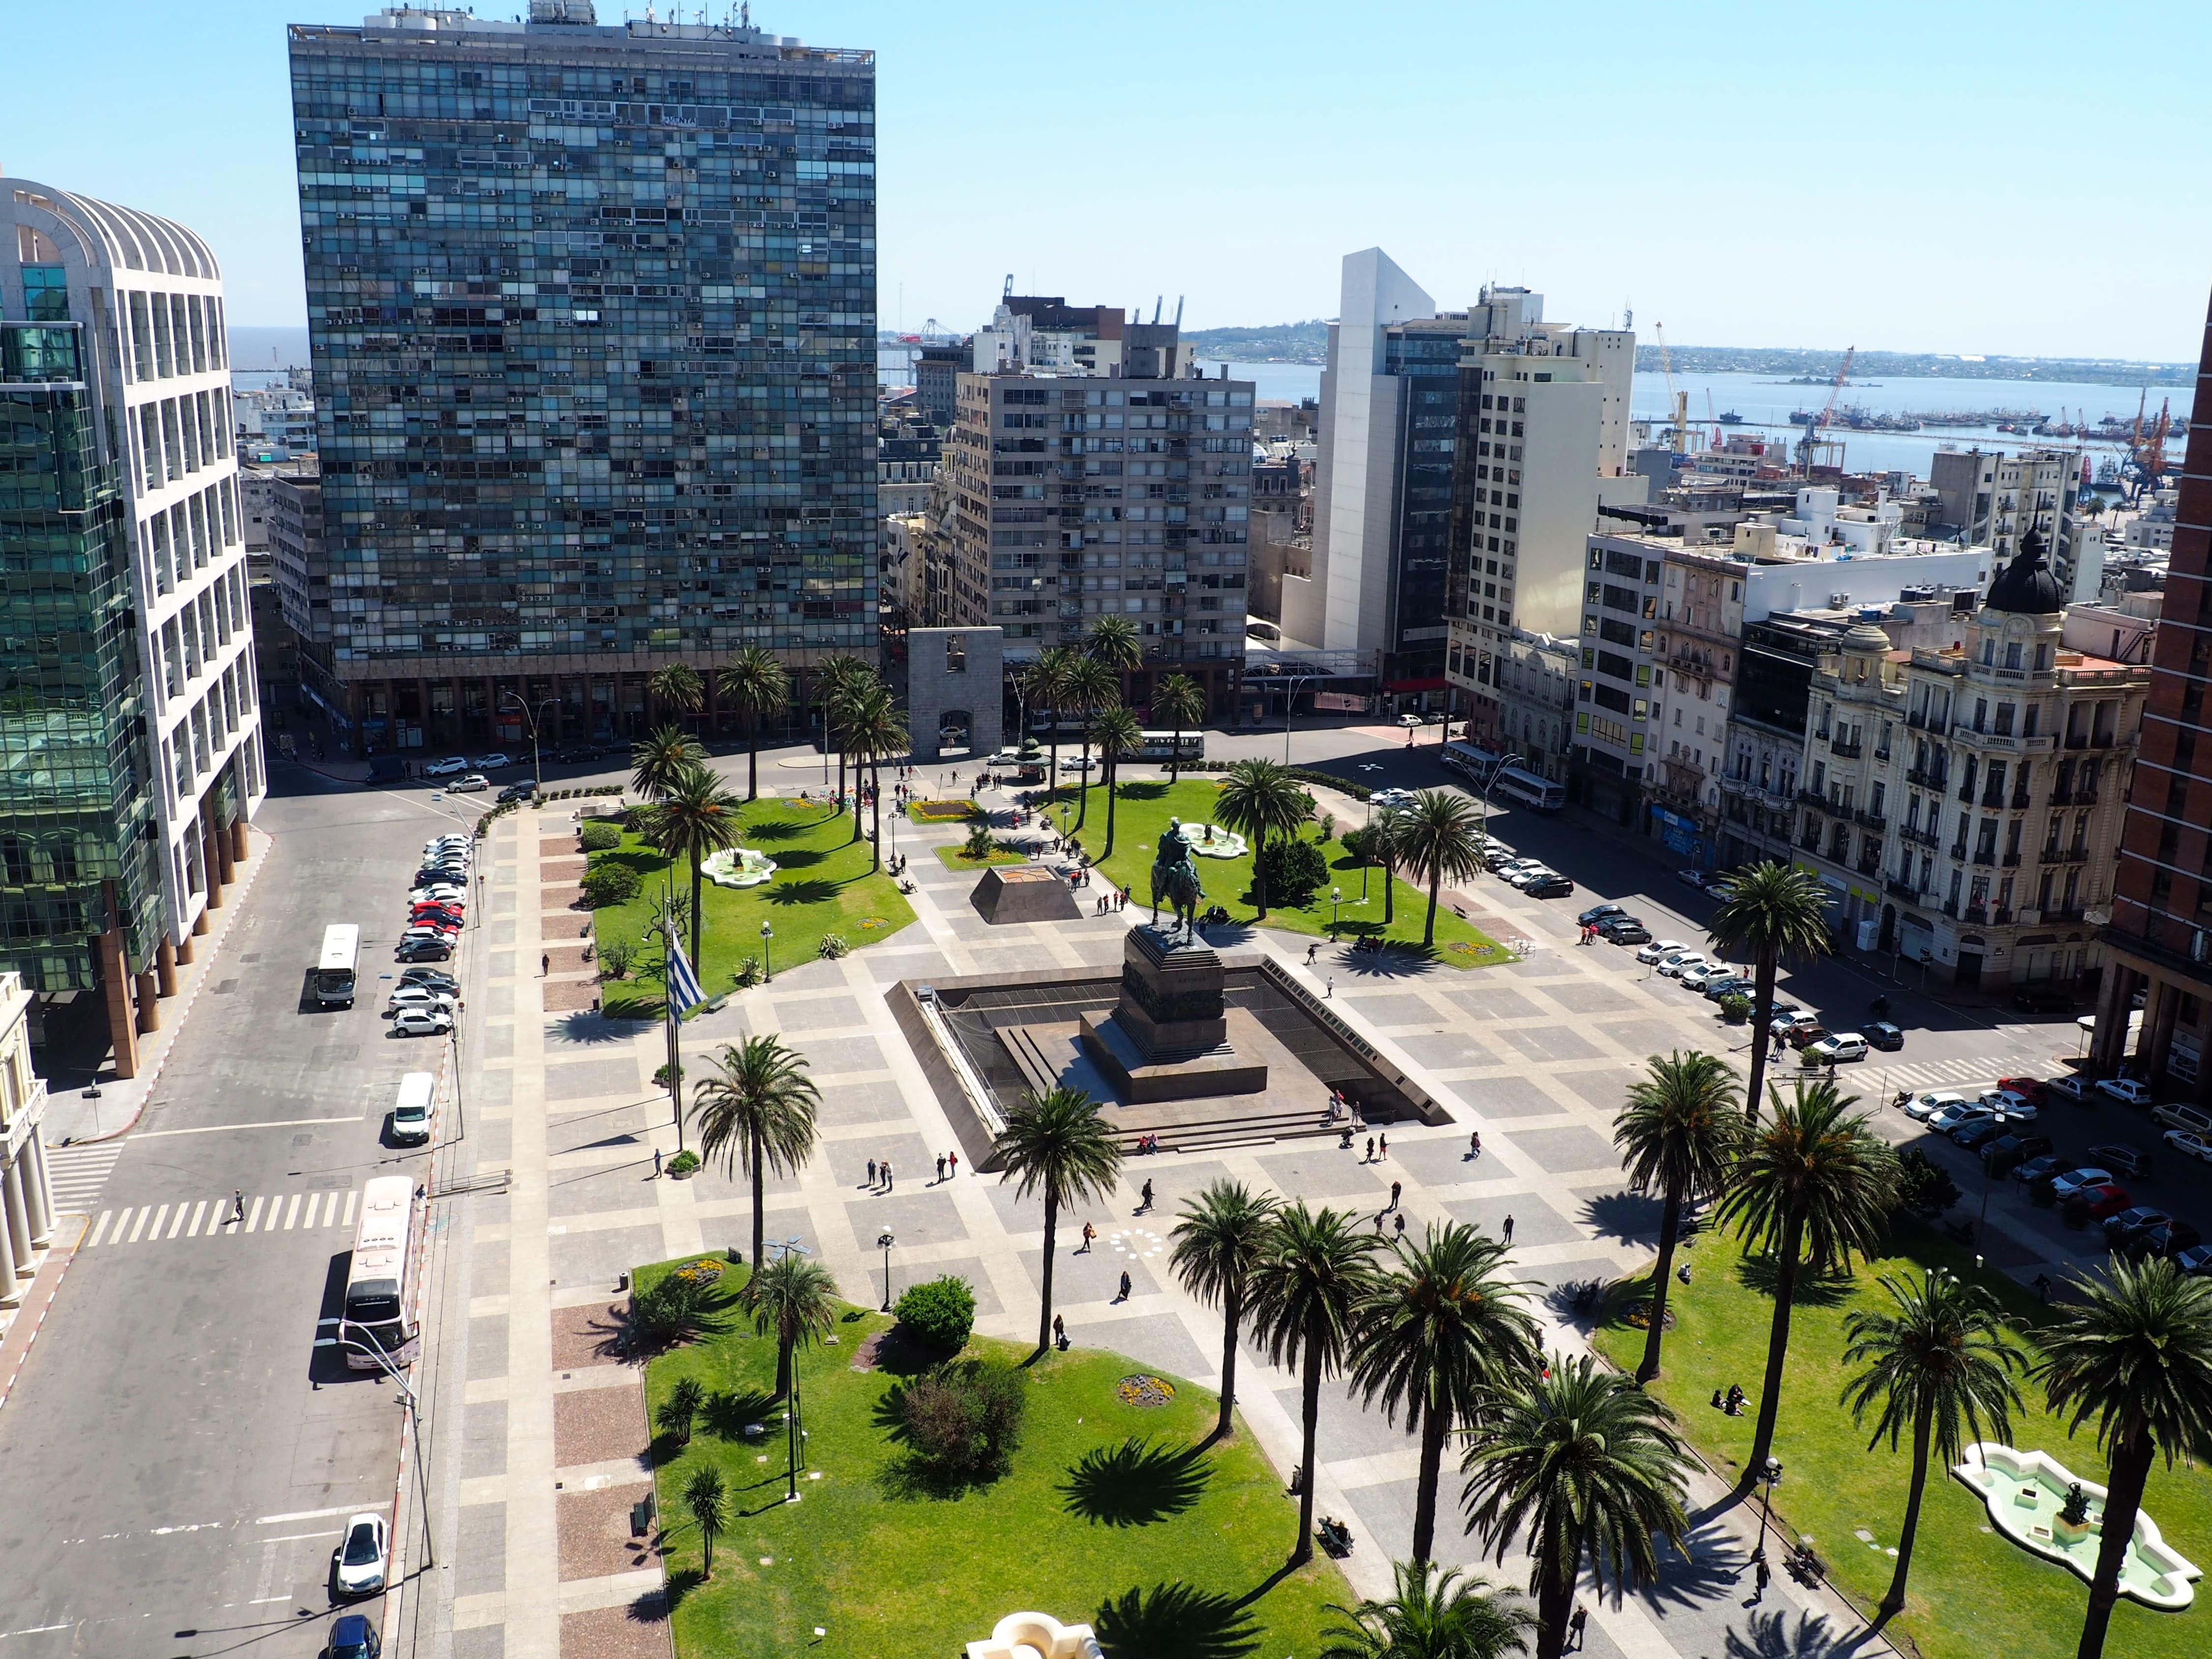 Alrededor de la Plaza Independecia se concentran la mayoría de los puntos turísticos de Montevideo